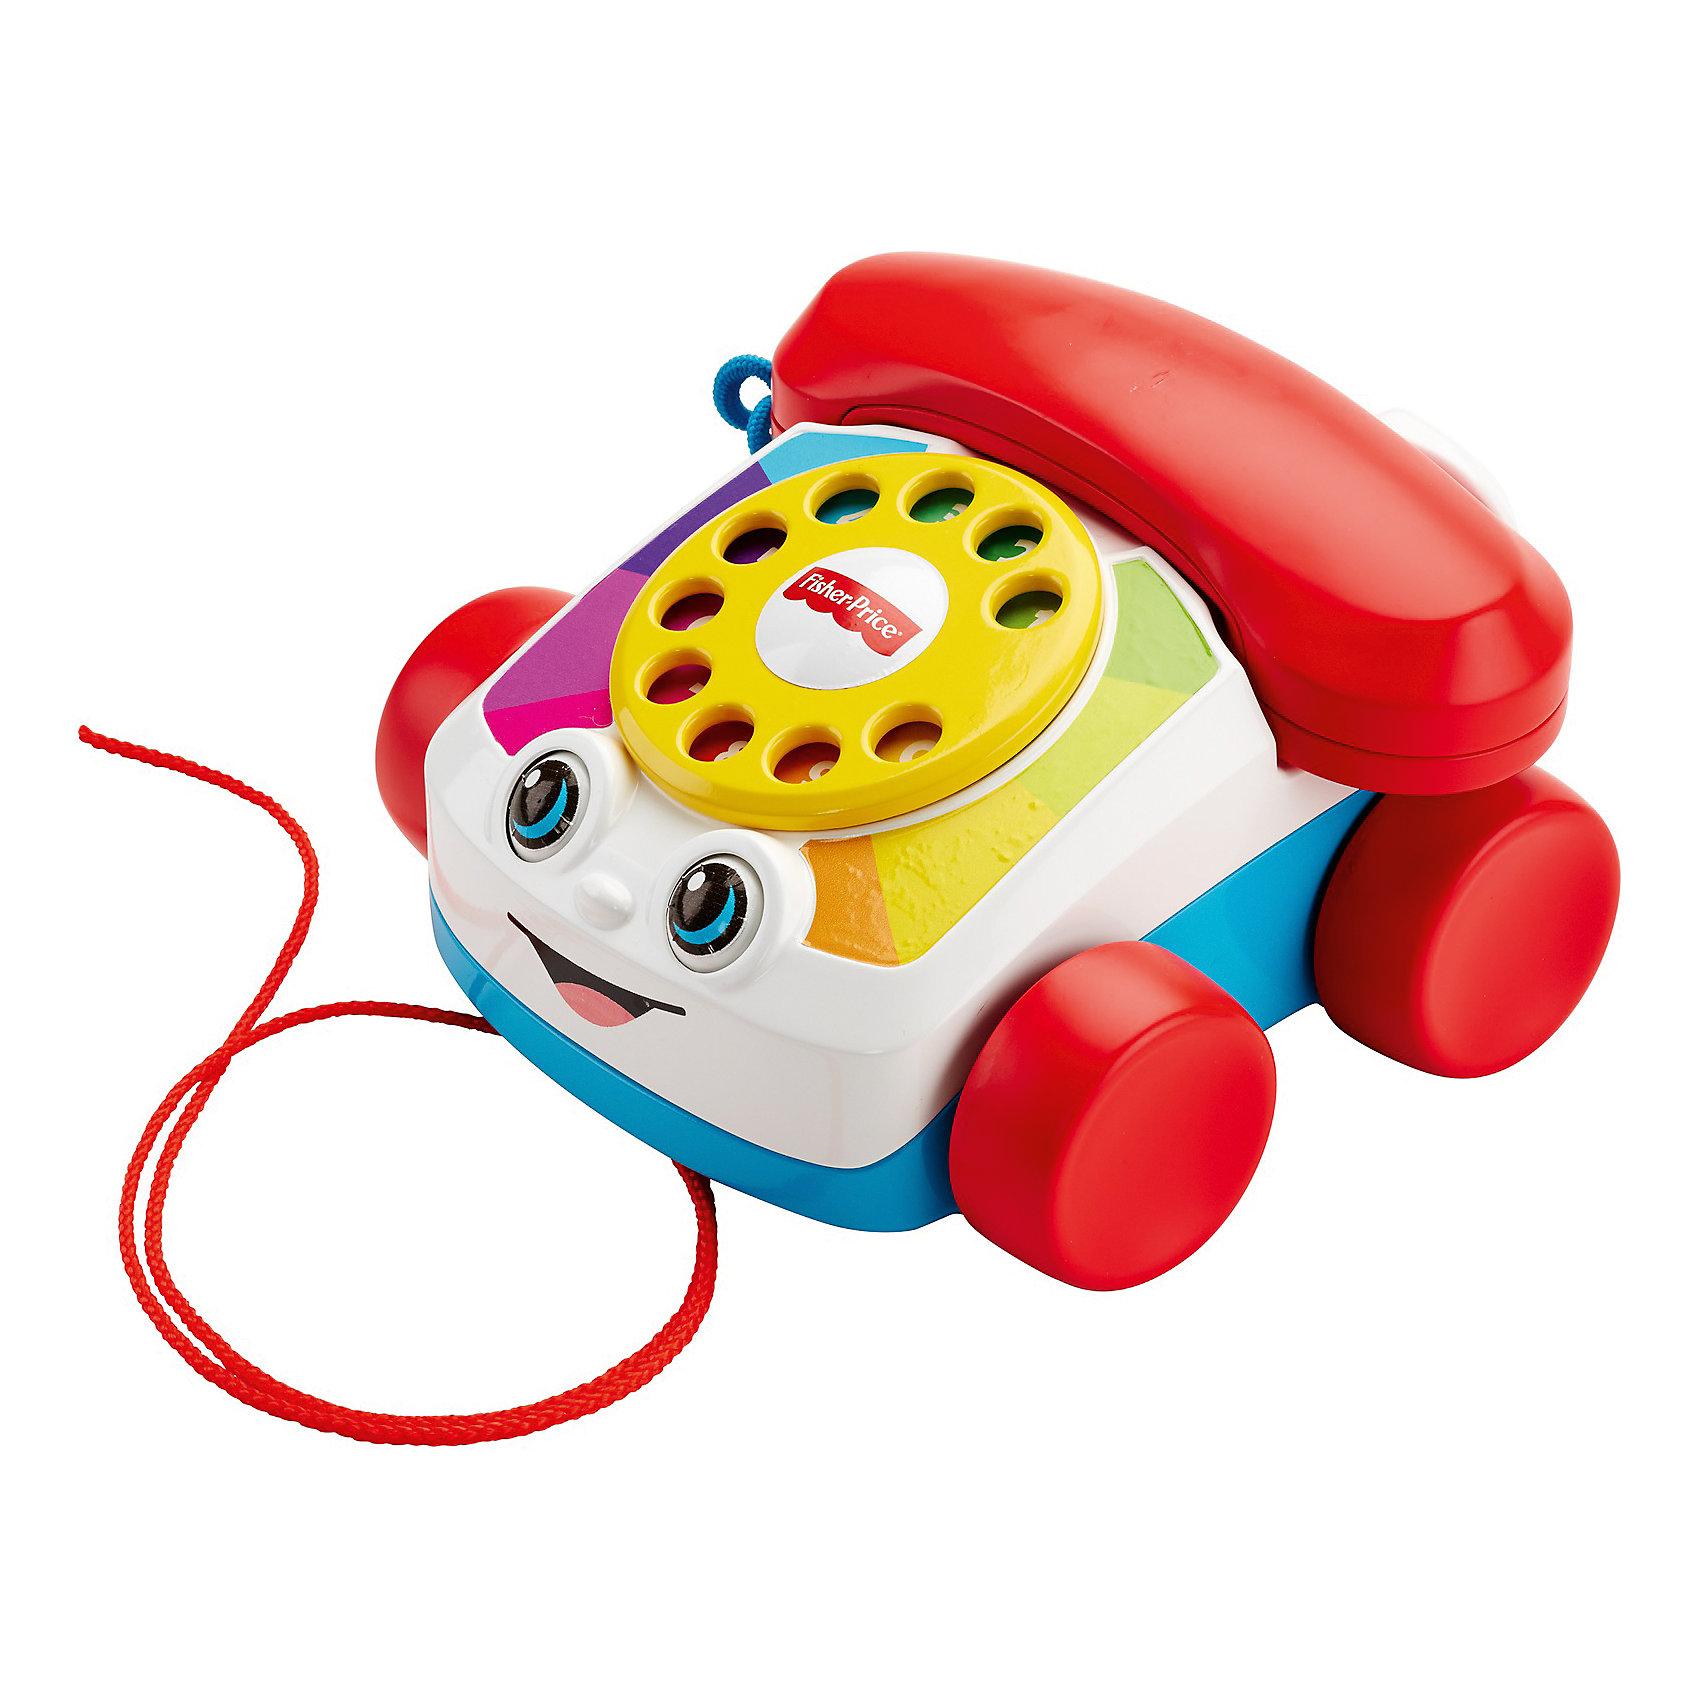 Говорящий телефон на колесах, Fisher PriceТелефоны<br>Говорящий телефон на колесах, Fisher Price (Фишер Прайс).<br><br>Характеристики:<br><br>• Размер: 16х16х10 см.<br>• Материал: пластик<br>• Упаковка: картонная коробка открытого типа.<br>• Размер упаковки: 21х18х15 см.<br><br>Игрушка Говорящий телефон от производителя Fisher-Price (Фишер Прайс) способствует развитию крупной моторики и имеет другие функции, стимулирующие развитие малыша. Телефон на устойчивых колесах можно катать по полу с помощью веревочки, как игрушечную машинку. Глазки при этом двигаются и игрушка будто подмигивает. <br><br>Если крутить пальчиком диск с цифрами - воспроизводится звук как при наборе номера на настоящем телефоне. Благодаря этому, в игровой форме можно научить ребенка цифрам от 0 до 9. Играя с телефонной трубкой, малыш будет тренировать дикцию, проговаривая телефонные диалоги, совсем как взрослый<br><br>Говорящий телефон на колесах, Fisher Price (Фишер Прайс) можно купить в нашем интернет-магазине.<br><br>Ширина мм: 180<br>Глубина мм: 145<br>Высота мм: 205<br>Вес г: 492<br>Возраст от месяцев: 12<br>Возраст до месяцев: 36<br>Пол: Унисекс<br>Возраст: Детский<br>SKU: 5378266